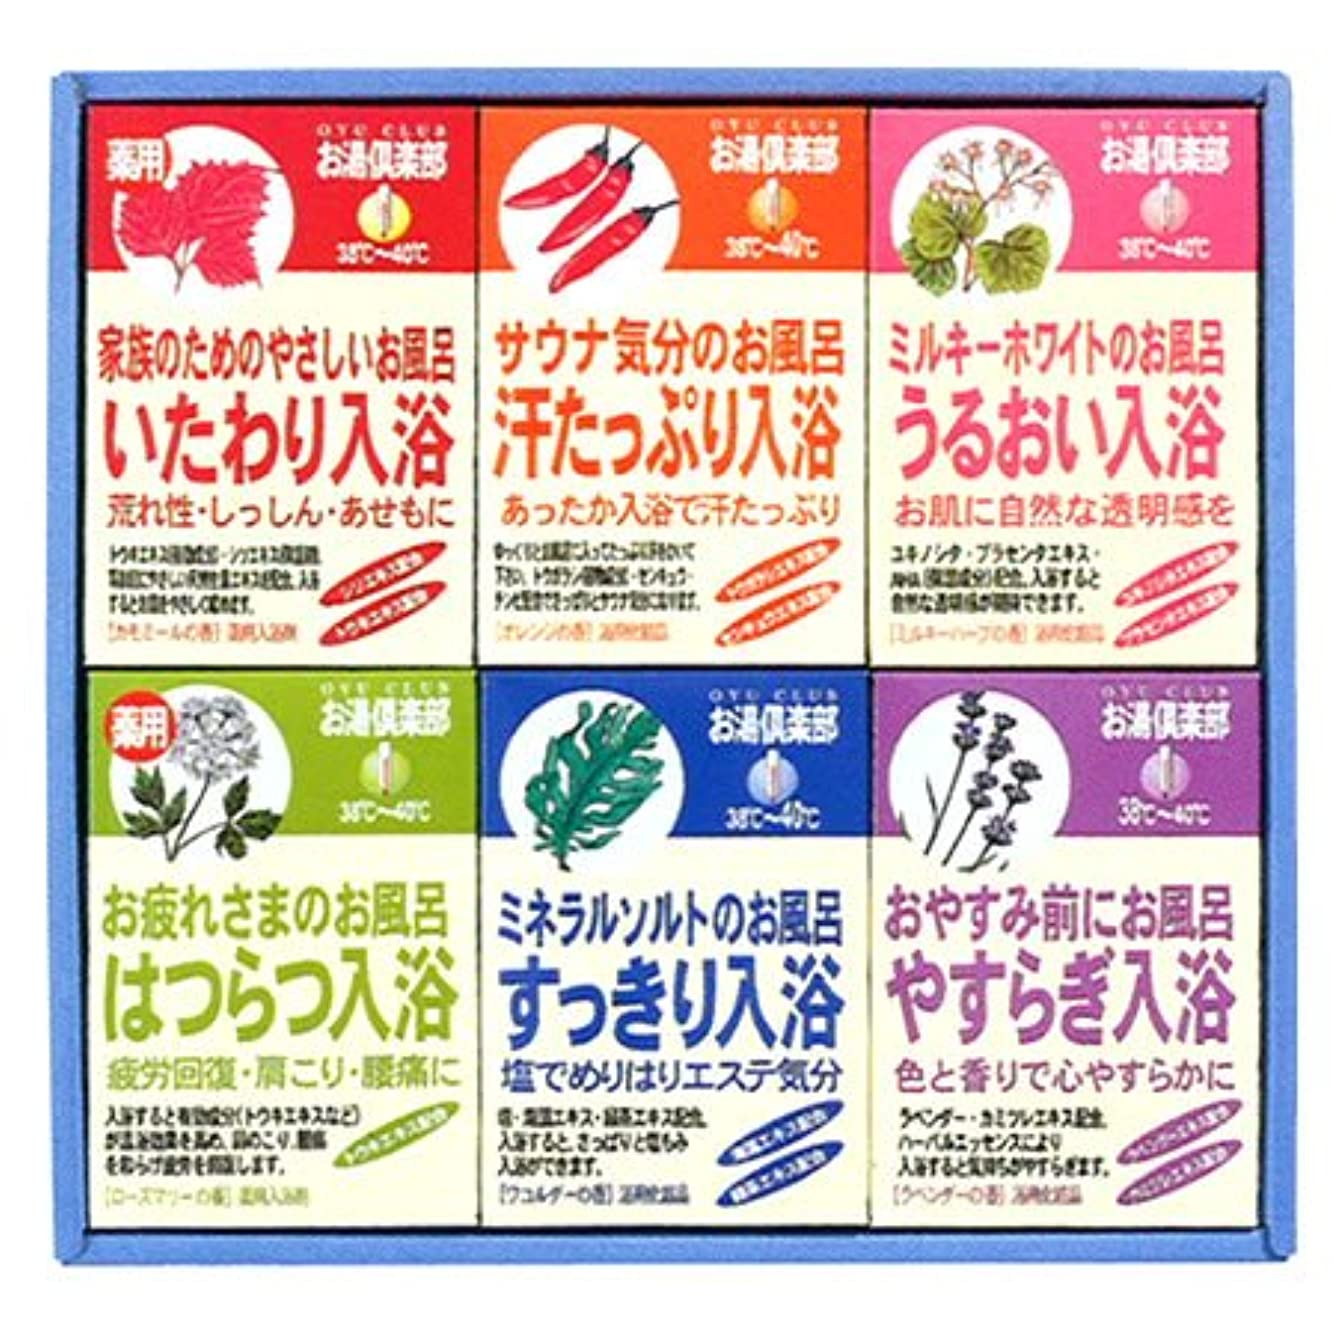 ゴルフ霊かわすお湯倶楽部 タイプ別入浴剤 6種30包入 ギフトに最適